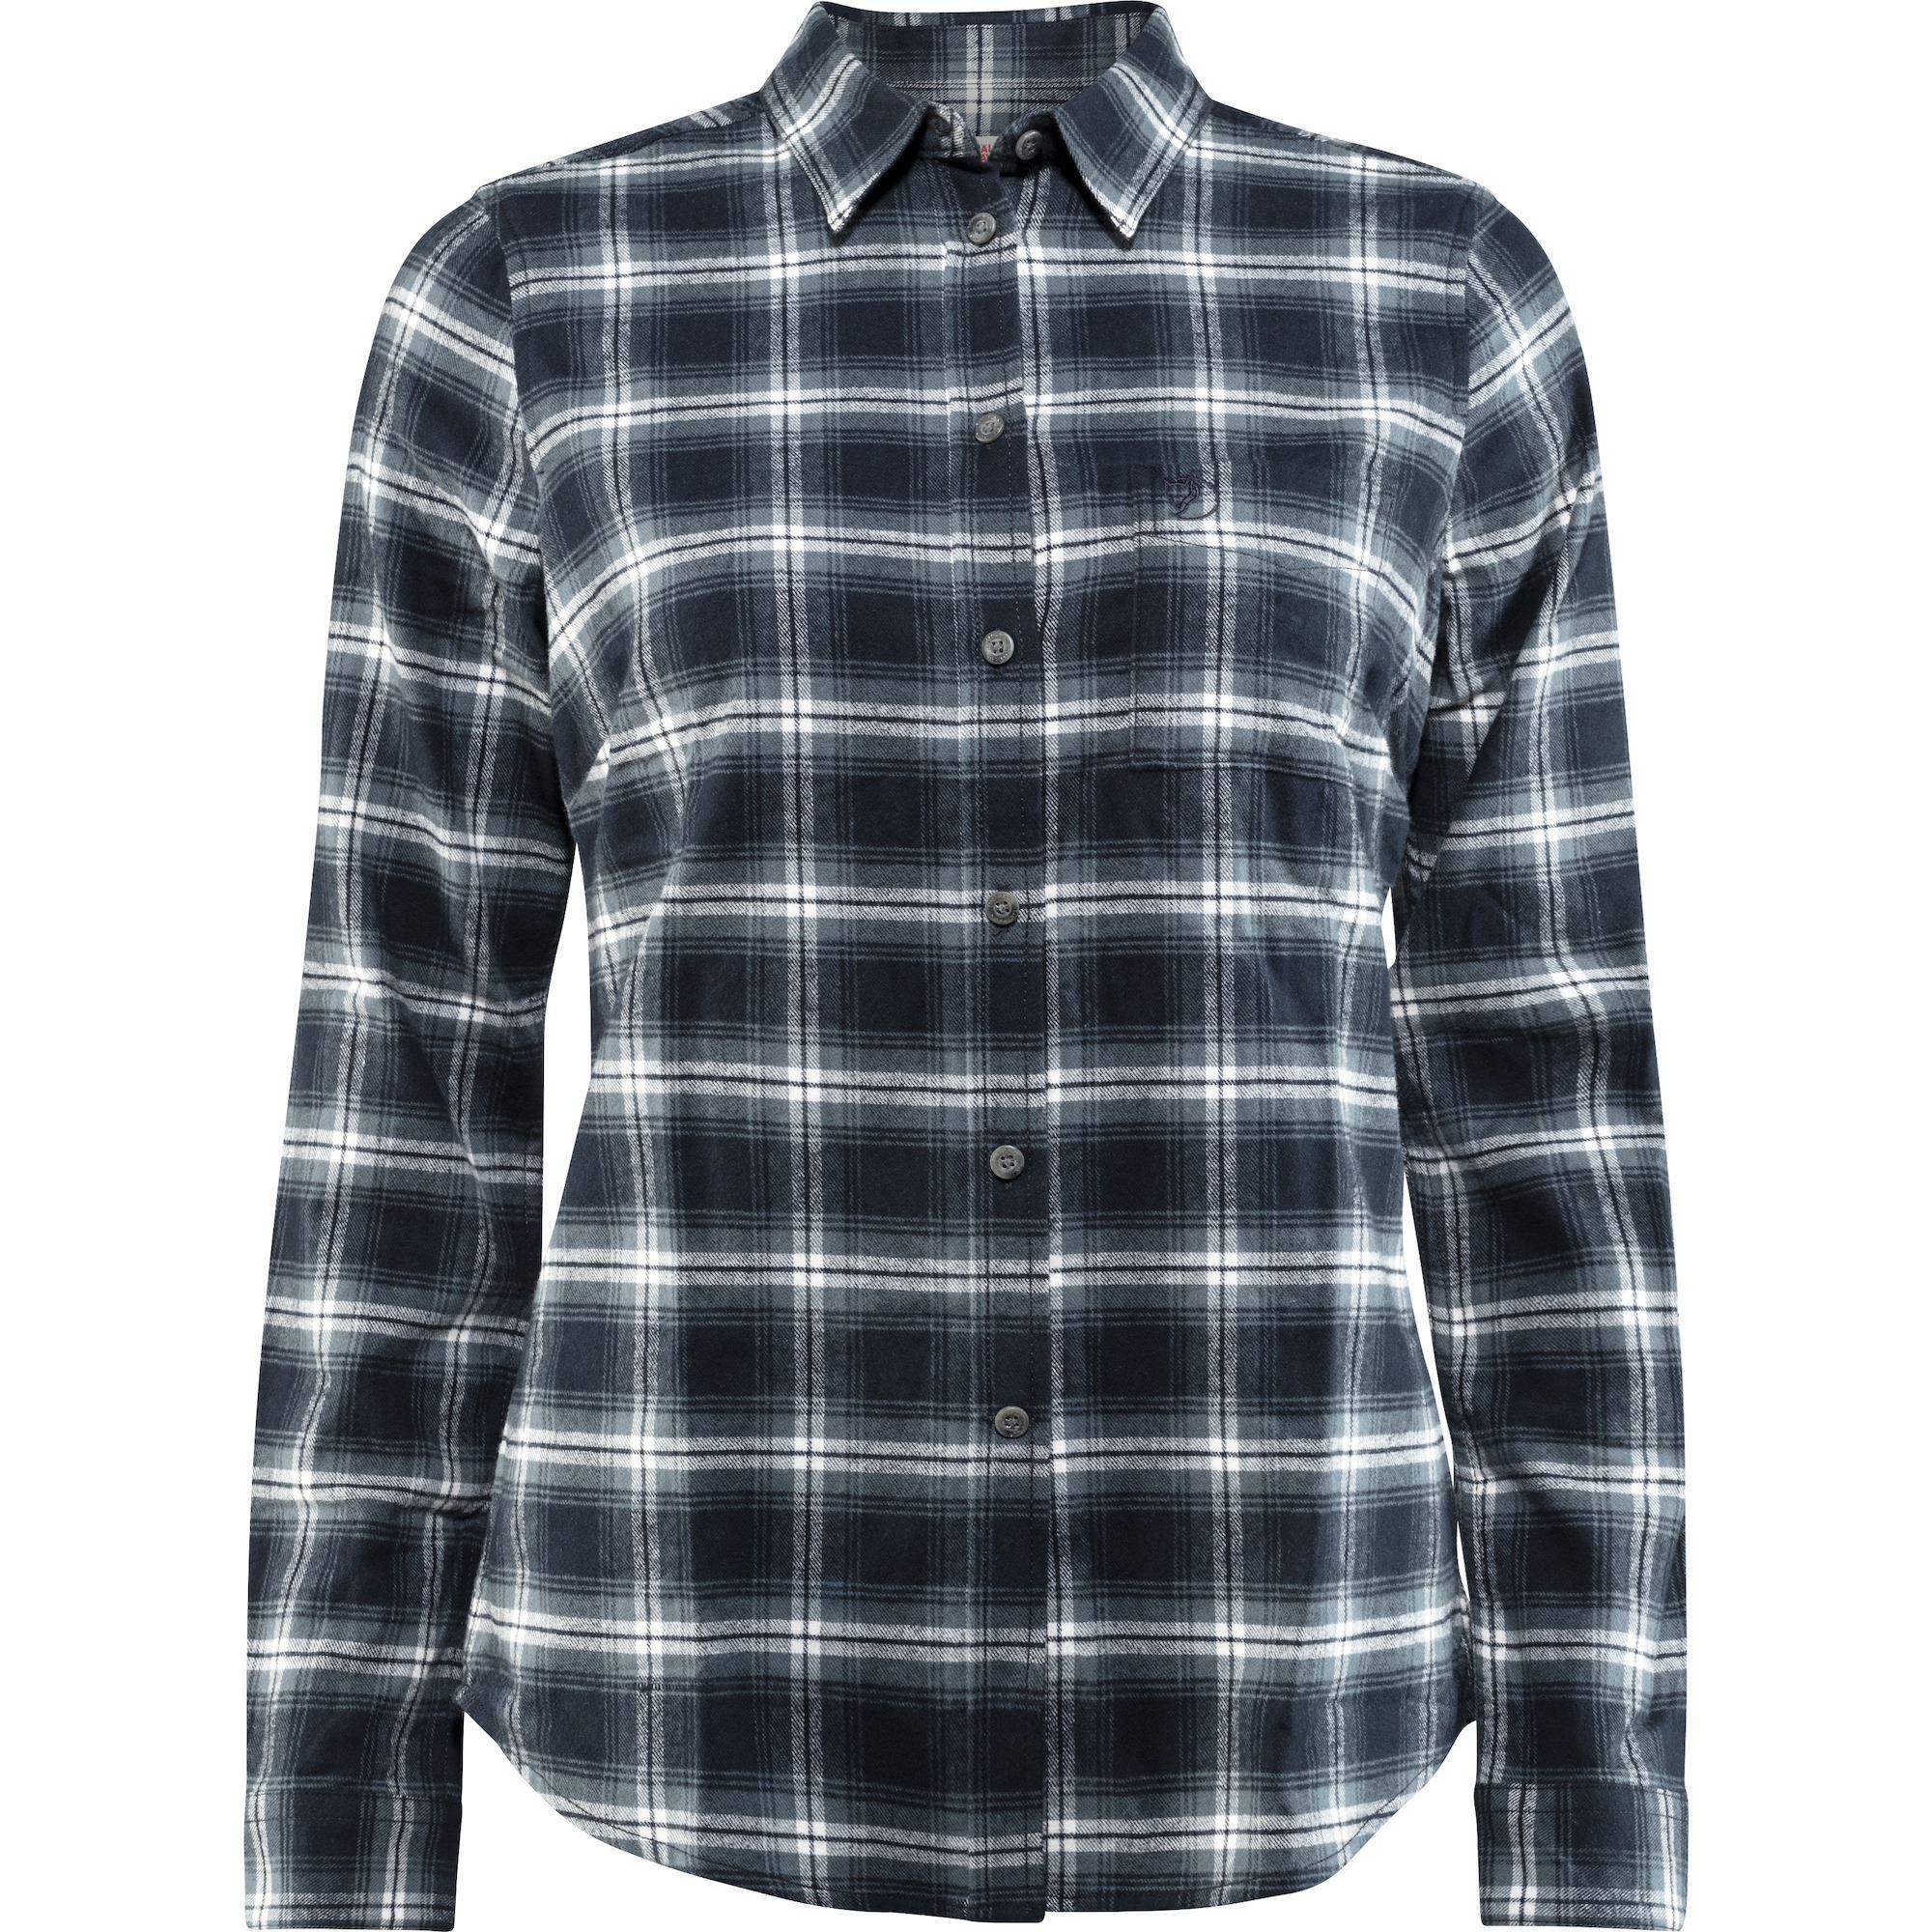 Fjällräven Övik Flannel Shirt, W's